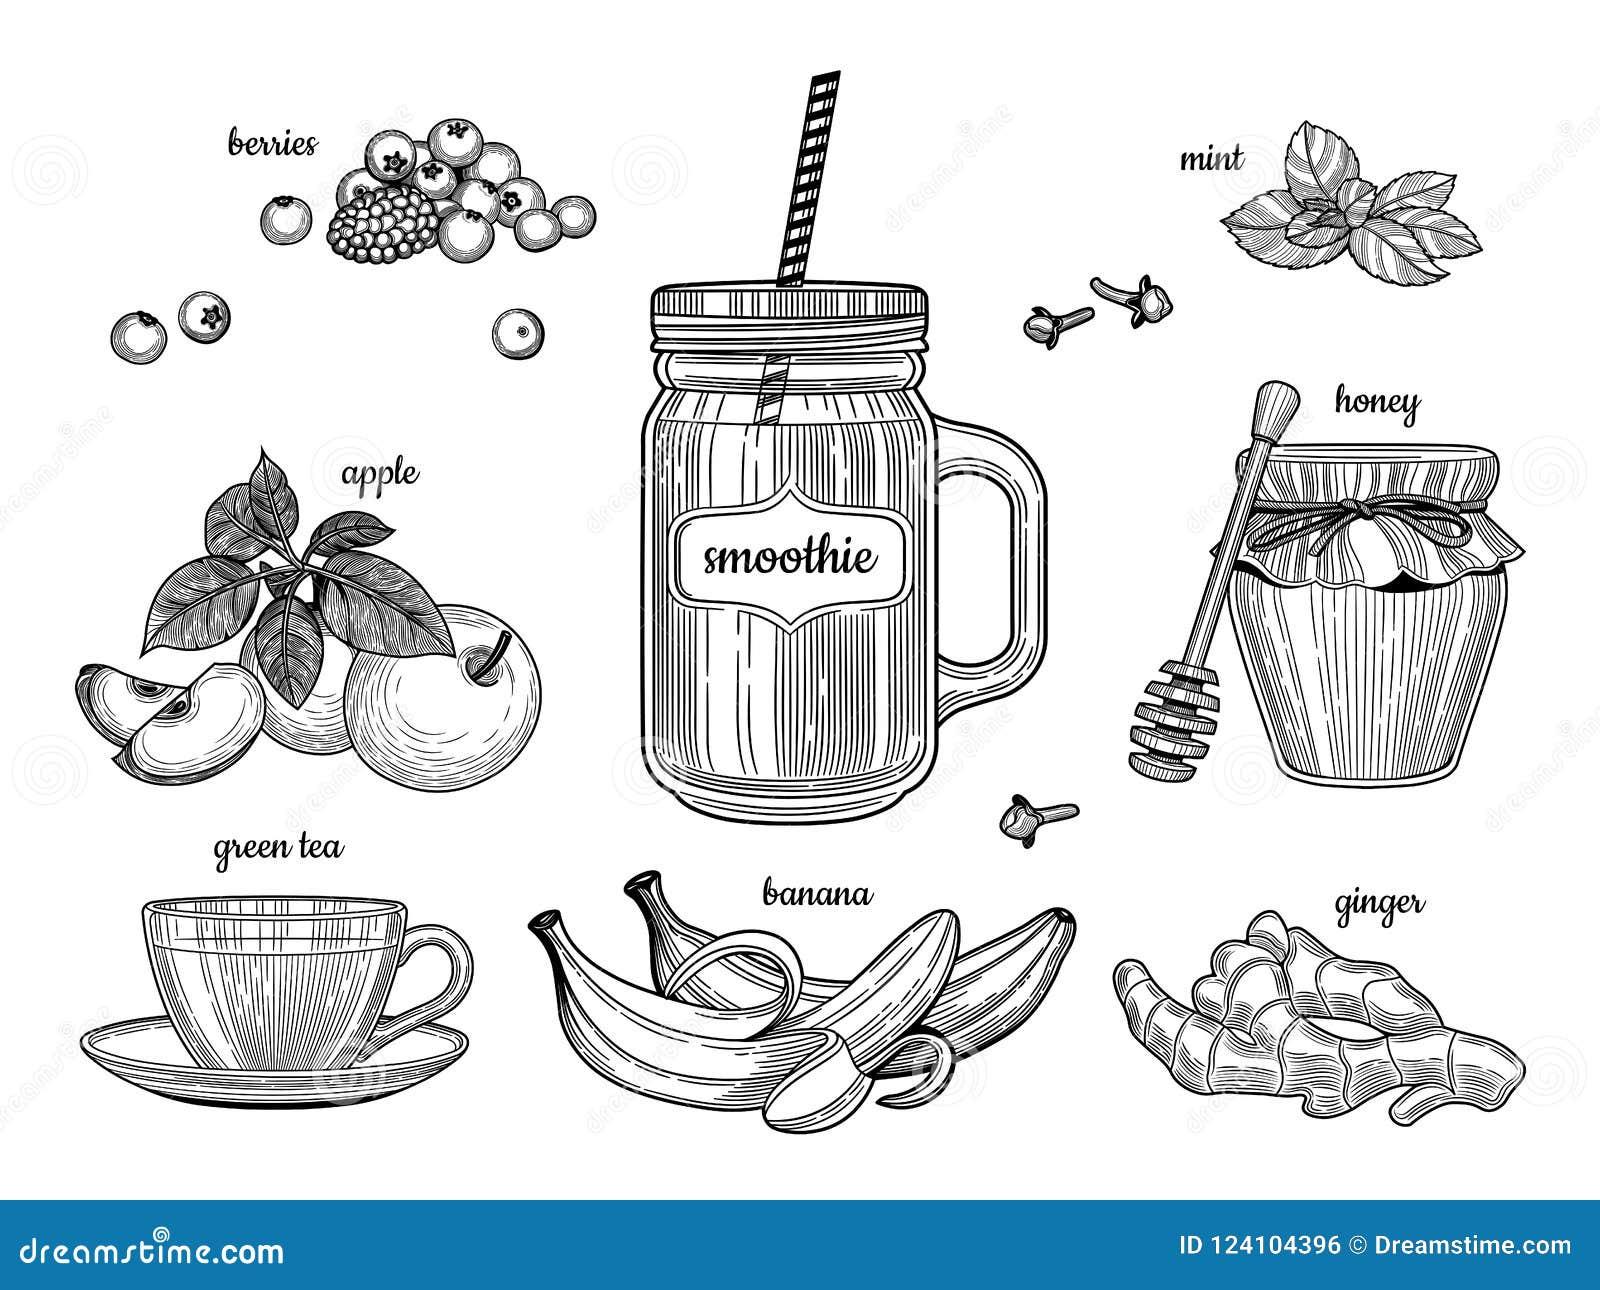 Frullato in un barattolo di vetro Gli ingredienti individuali Bacche, mela, tè verde, banana, zenzero, miele, menta